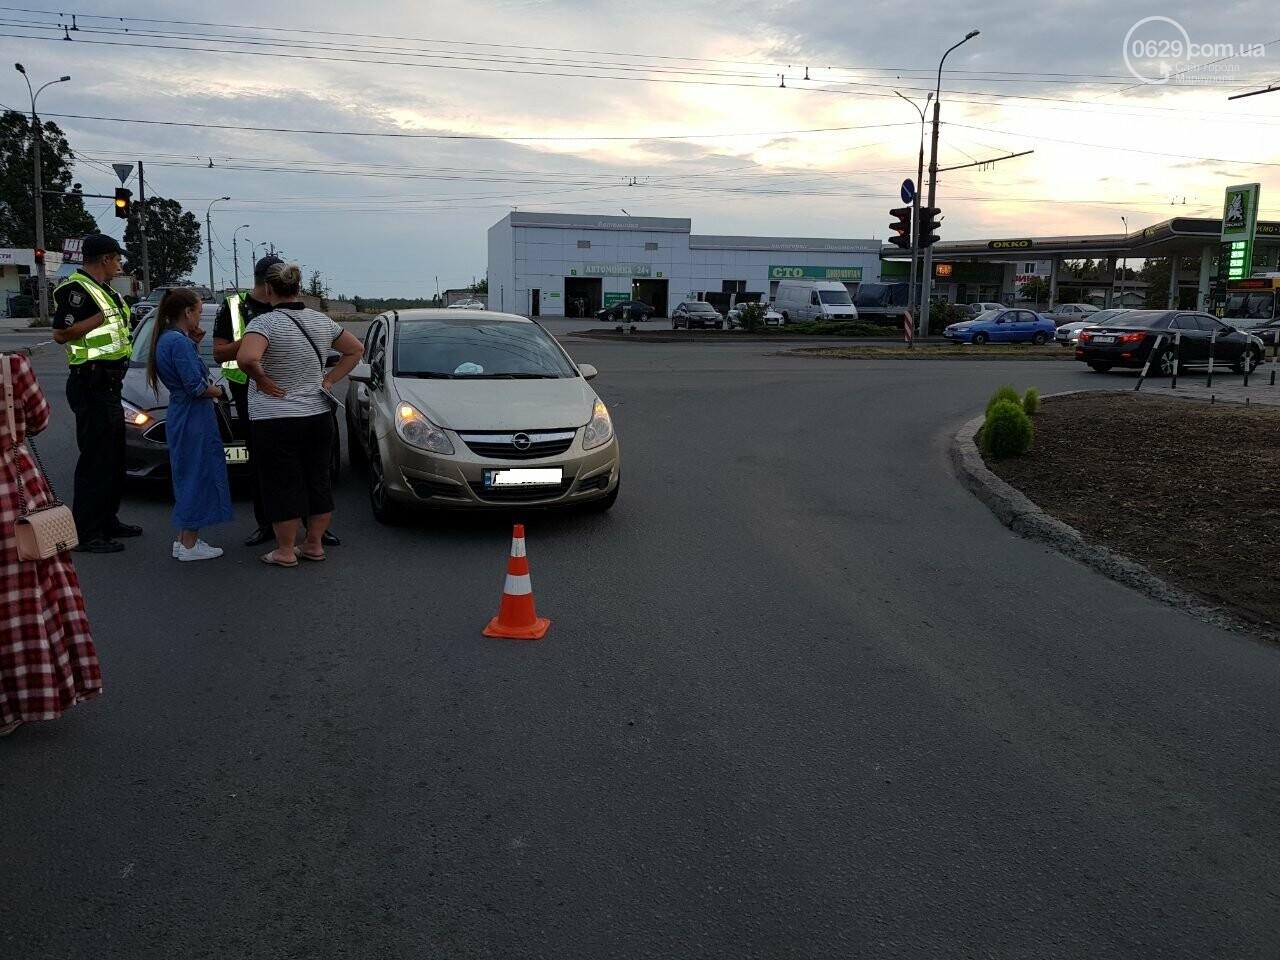 В Мариуполе не поделили перекресток «Опель» и «Форд», - ФОТО, фото-3